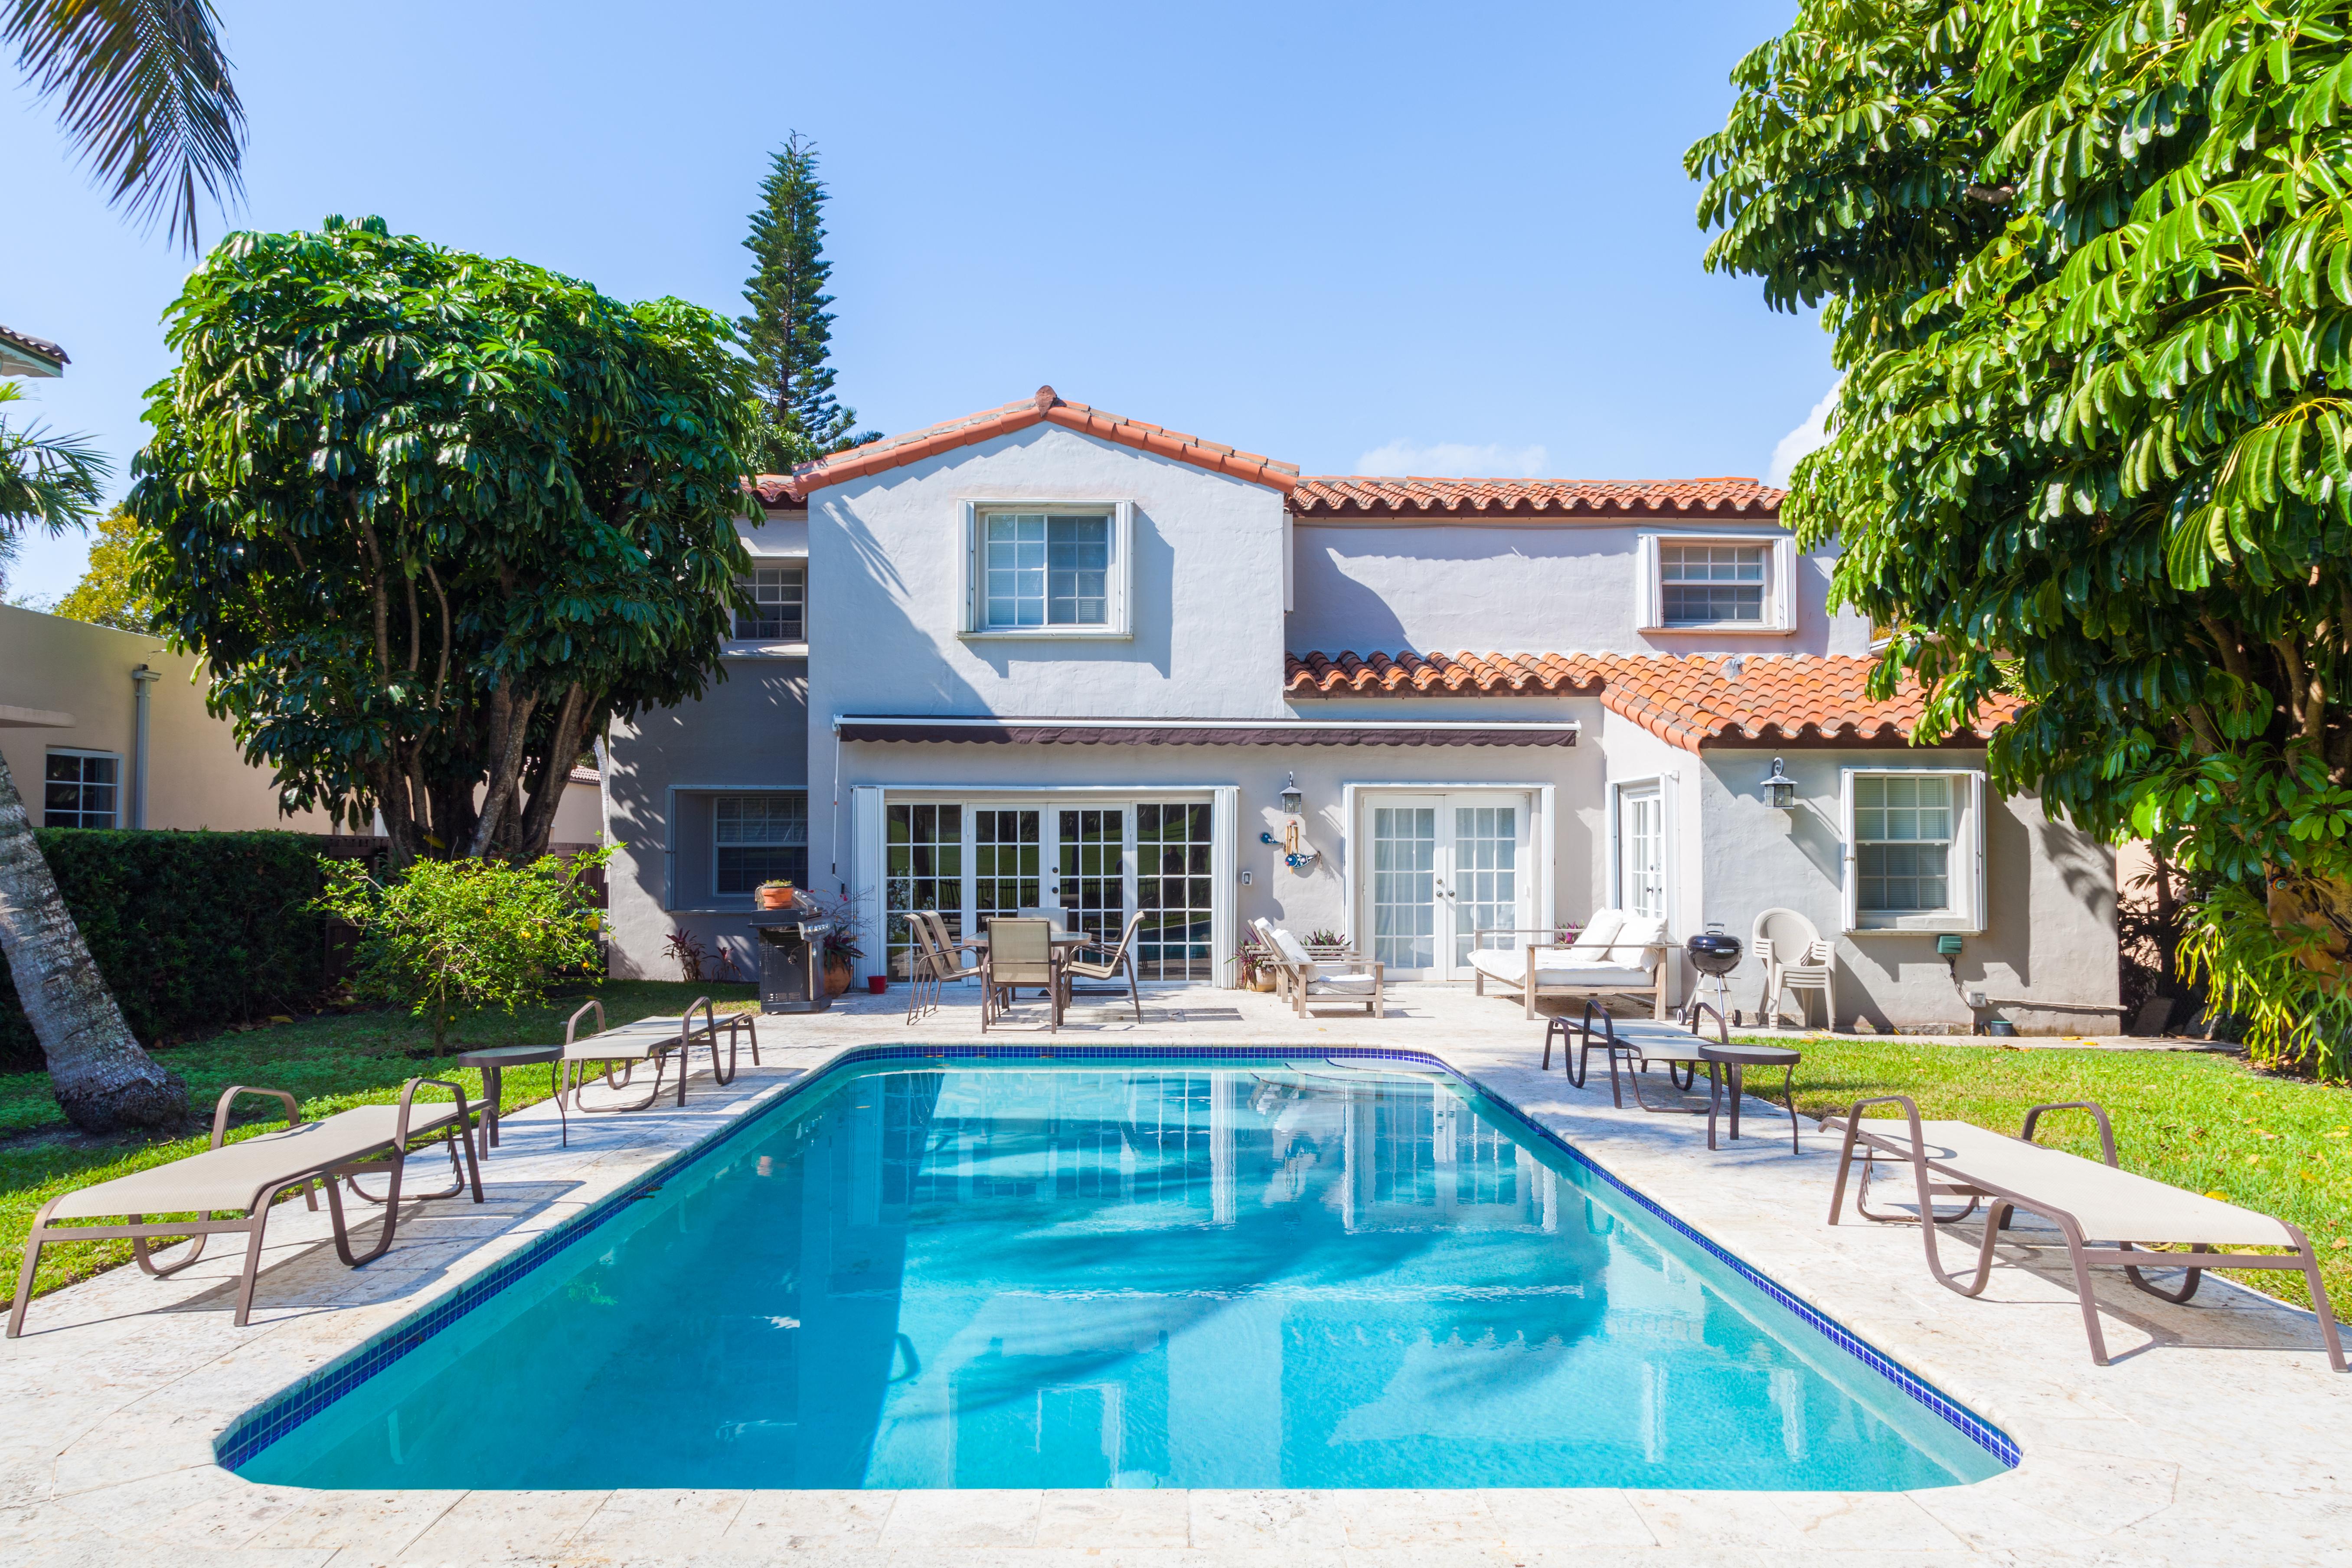 Частный односемейный дом для того Продажа на 5435 Alton Rd Miami Beach, Флорида, 33140 Соединенные Штаты